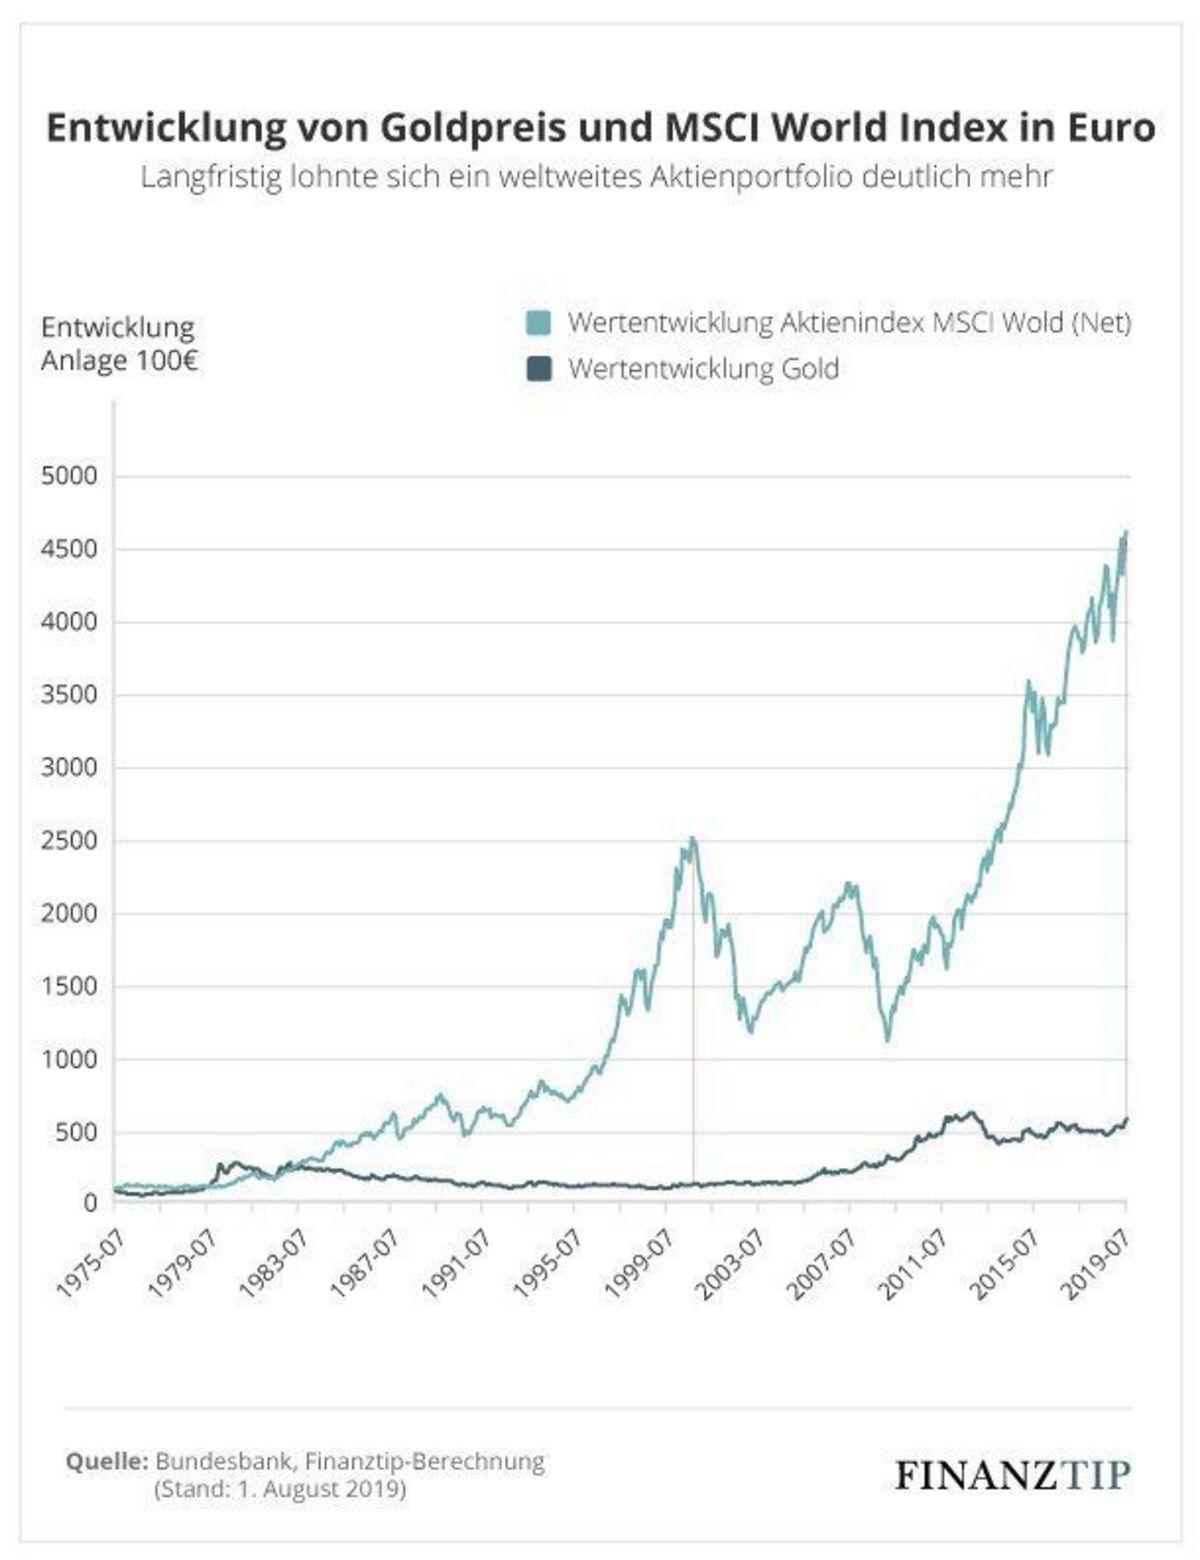 Gold als Wertanlage: Das bringt es wirklich